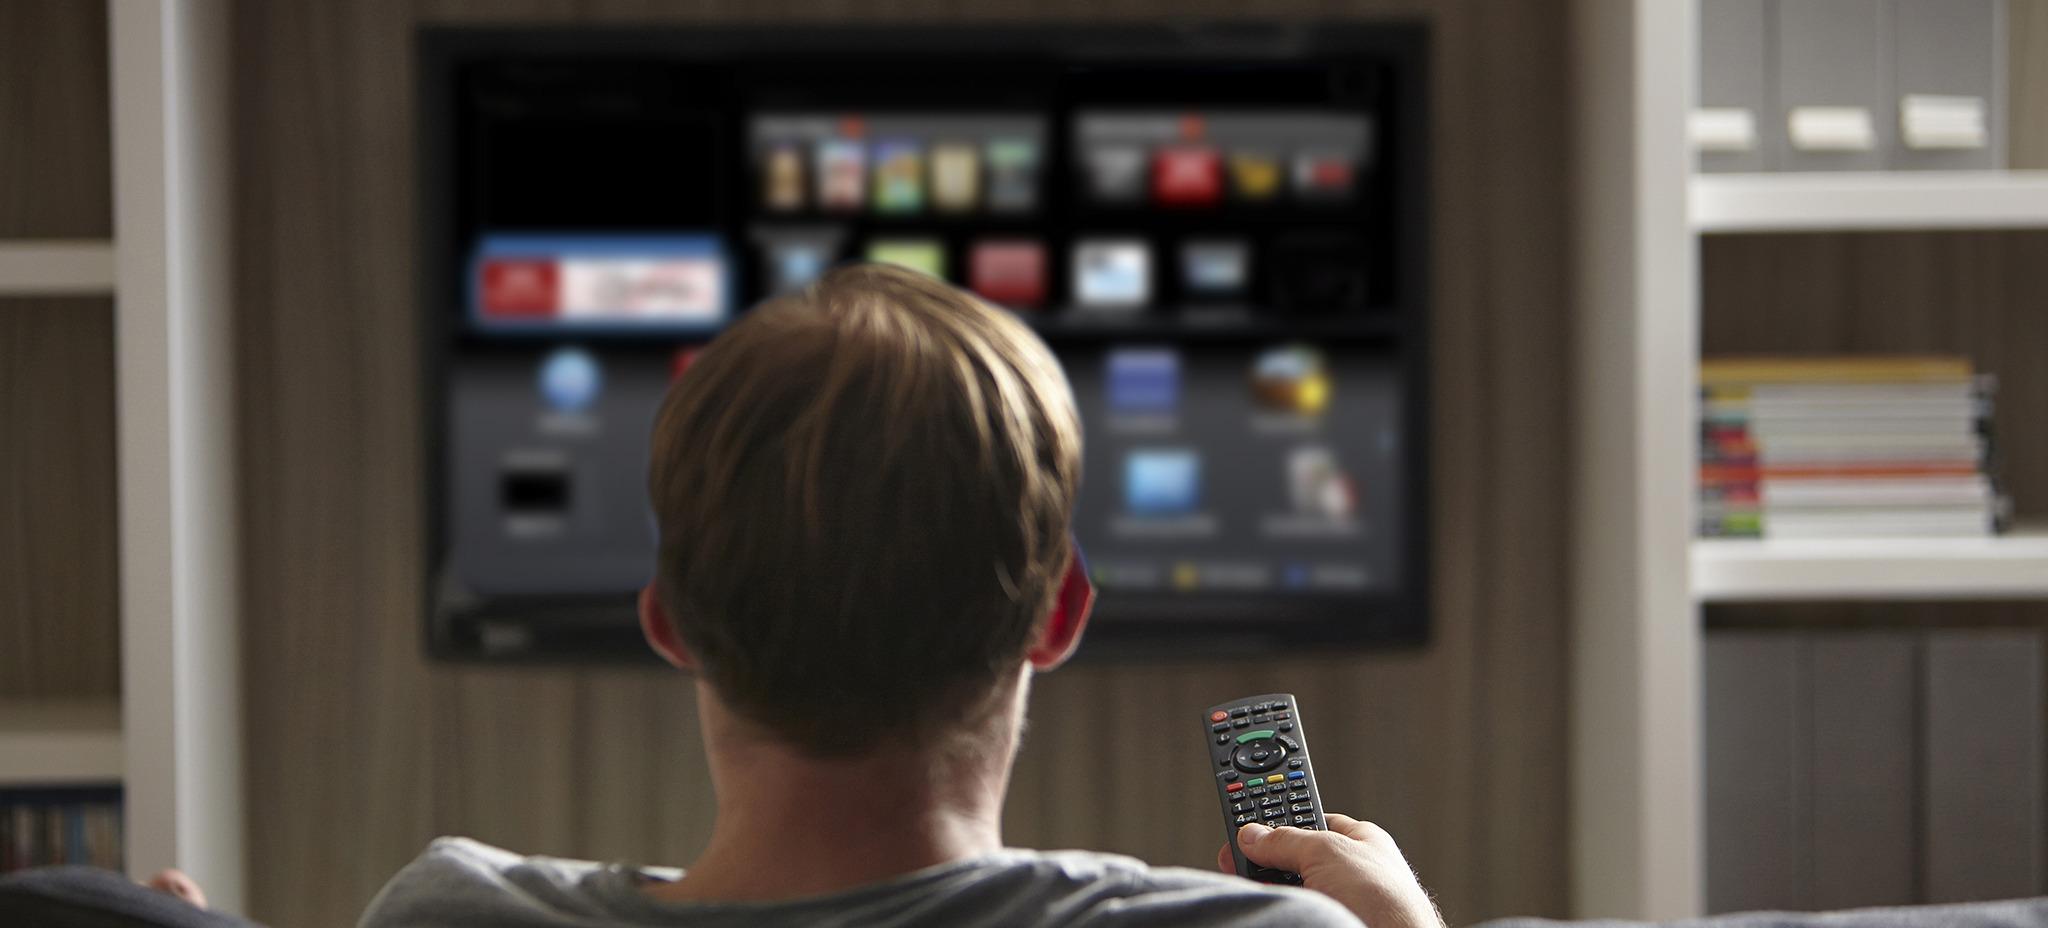 〈2015年7月〉台灣網路消費者對「電視盒」購買行為與通路品牌分析-EAGLEEYE鷹眼數據